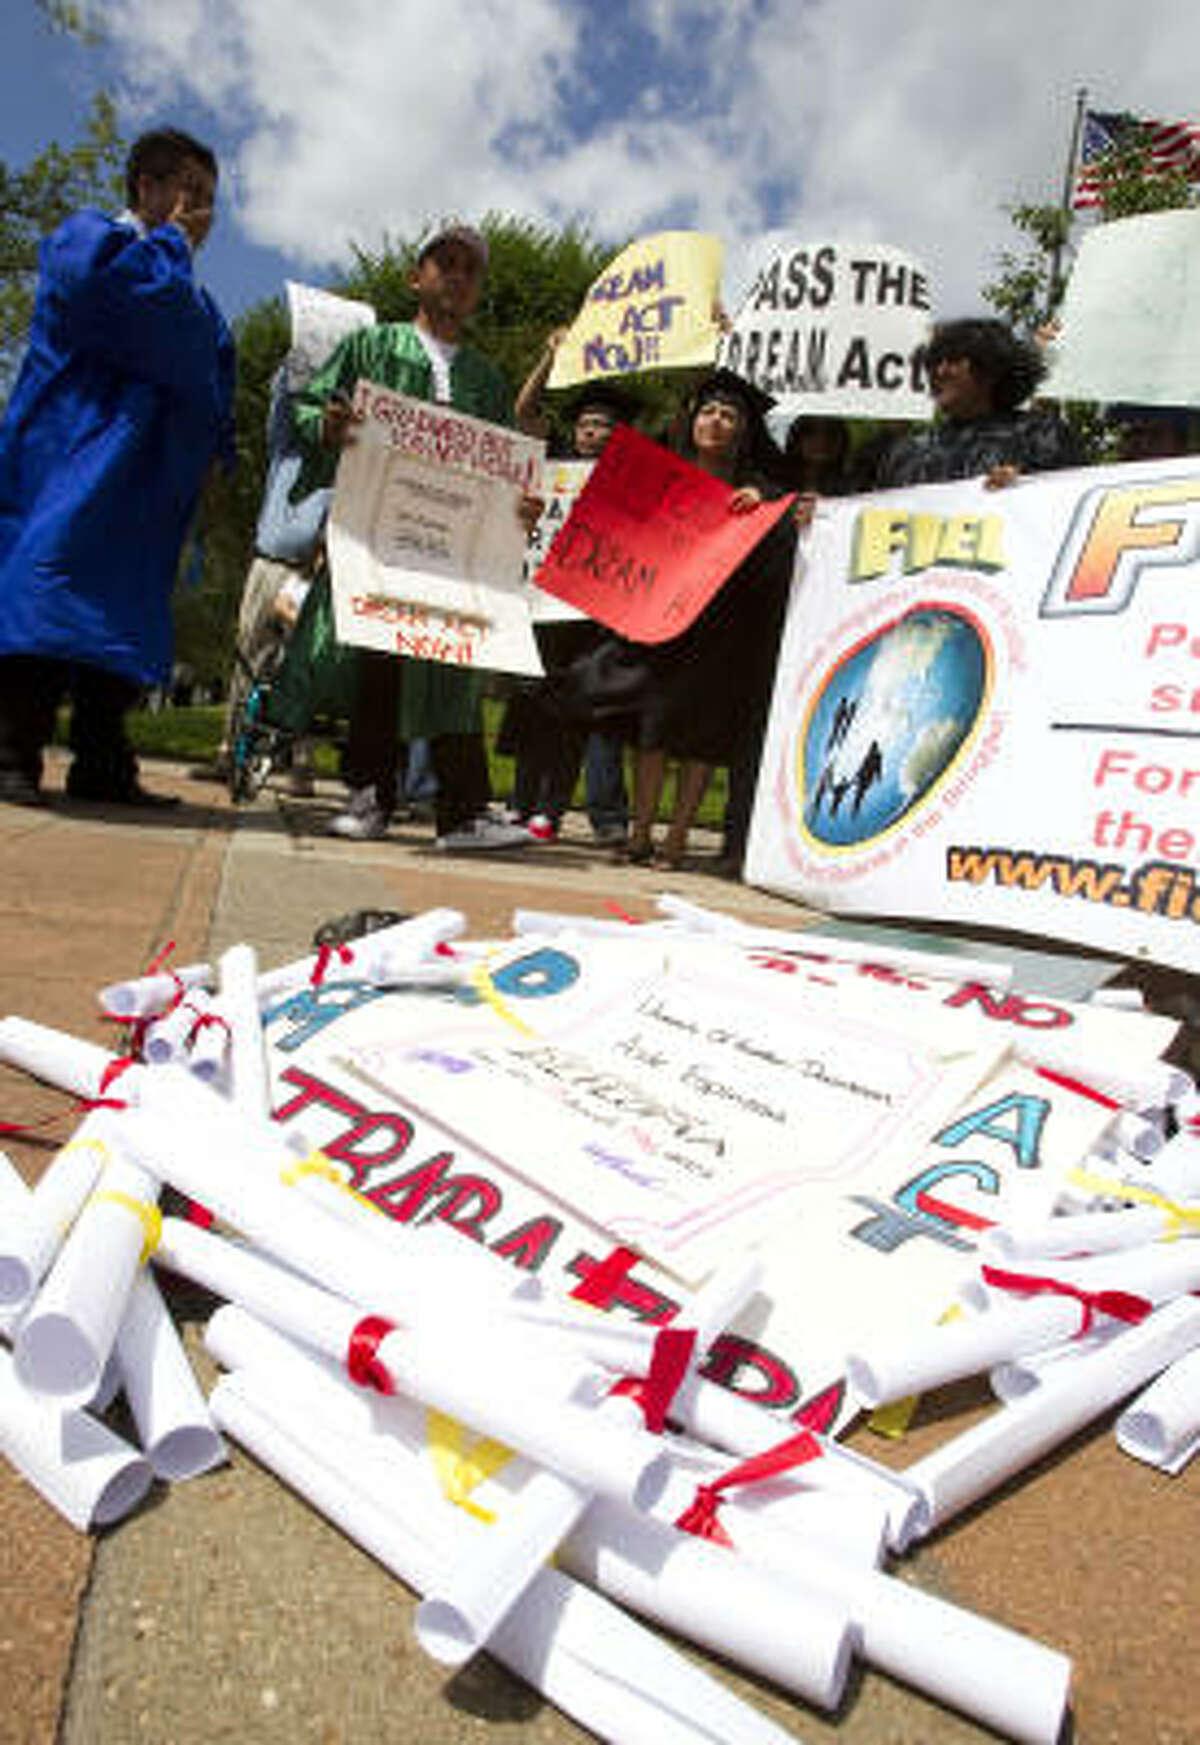 Diplomas simbólicos: en una manifestación de apoyo al Dream Act en el downtown de Houston.